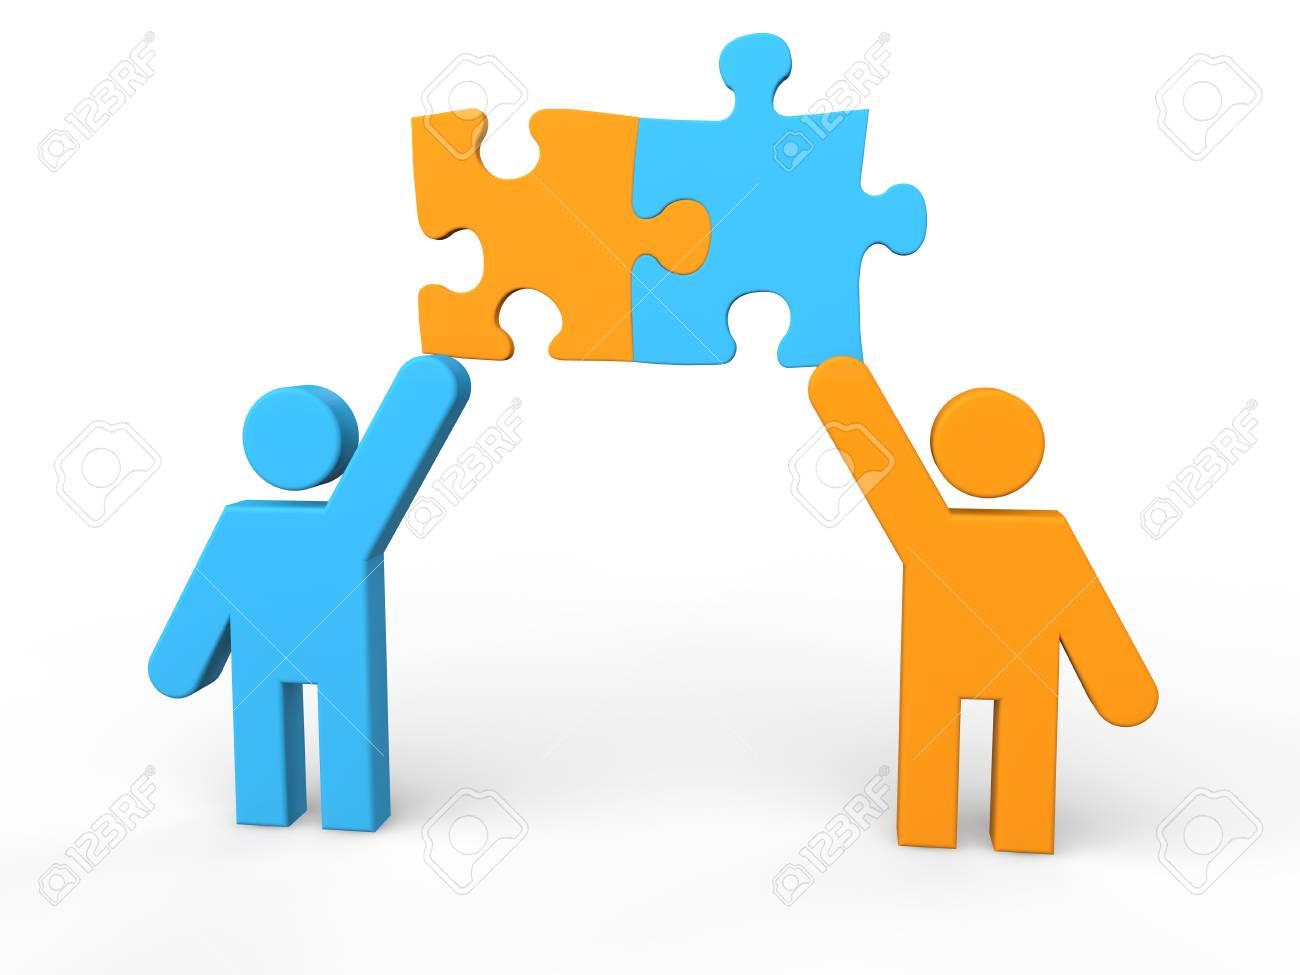 3d men sharing puzzle pieces - 43384661